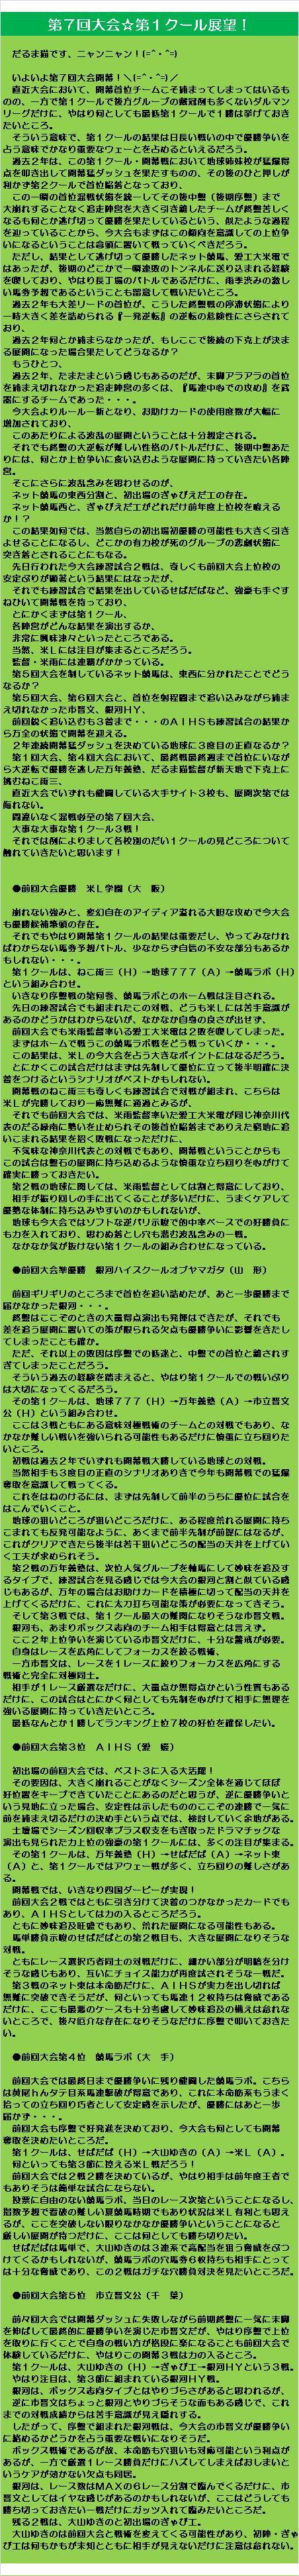 20150622・ダルマンリーグ第1クール展望①.jpg